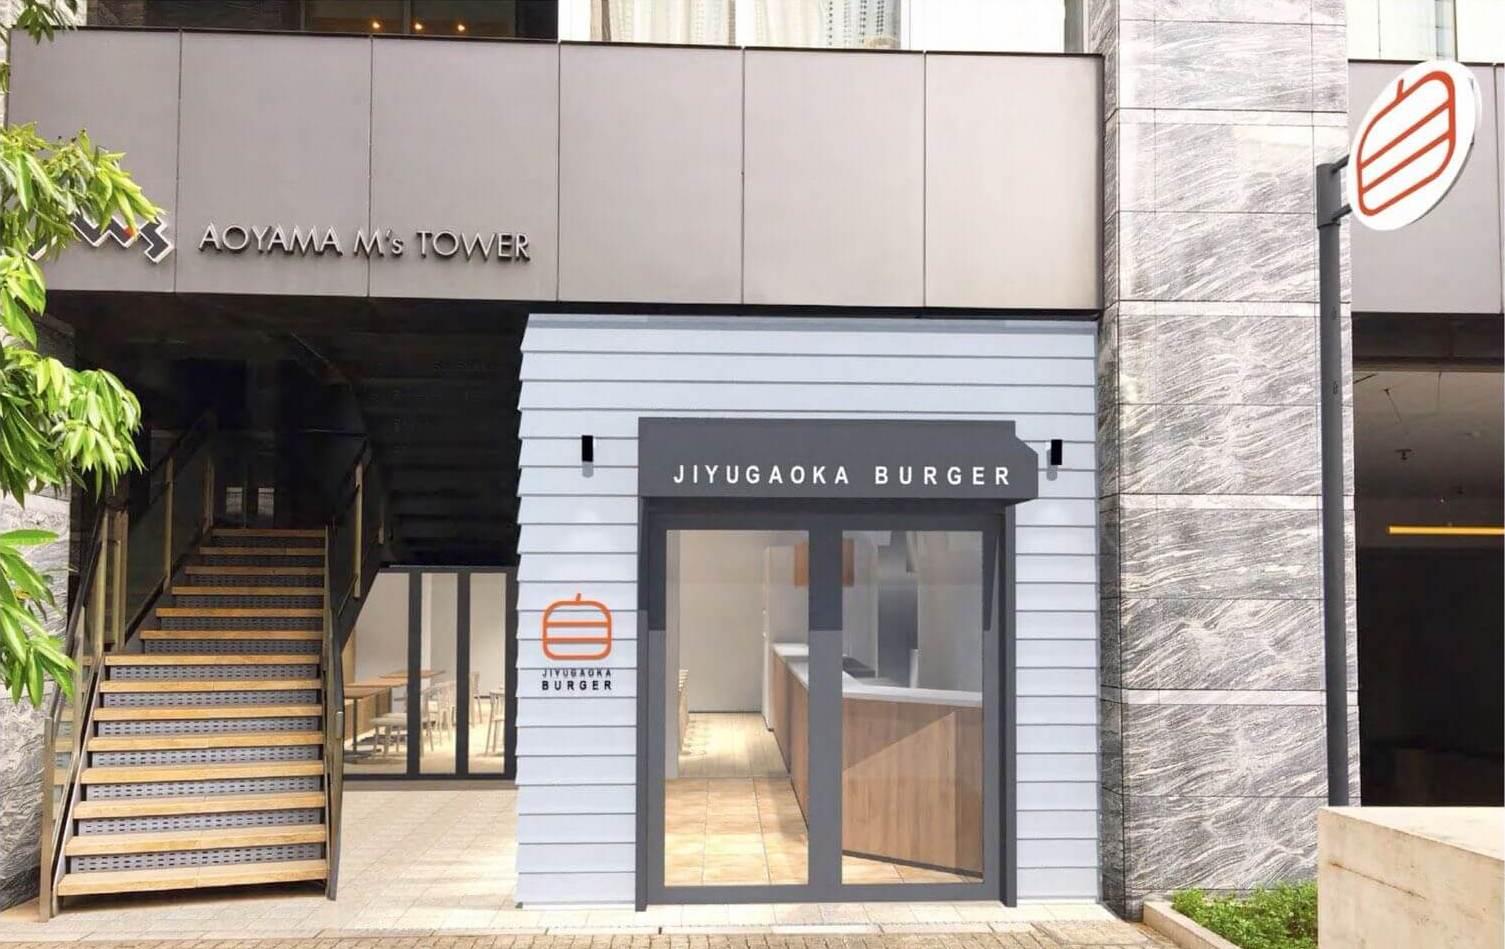 自由が丘バーガー Jiyugaoka Burger 青山 Aoyama 外観